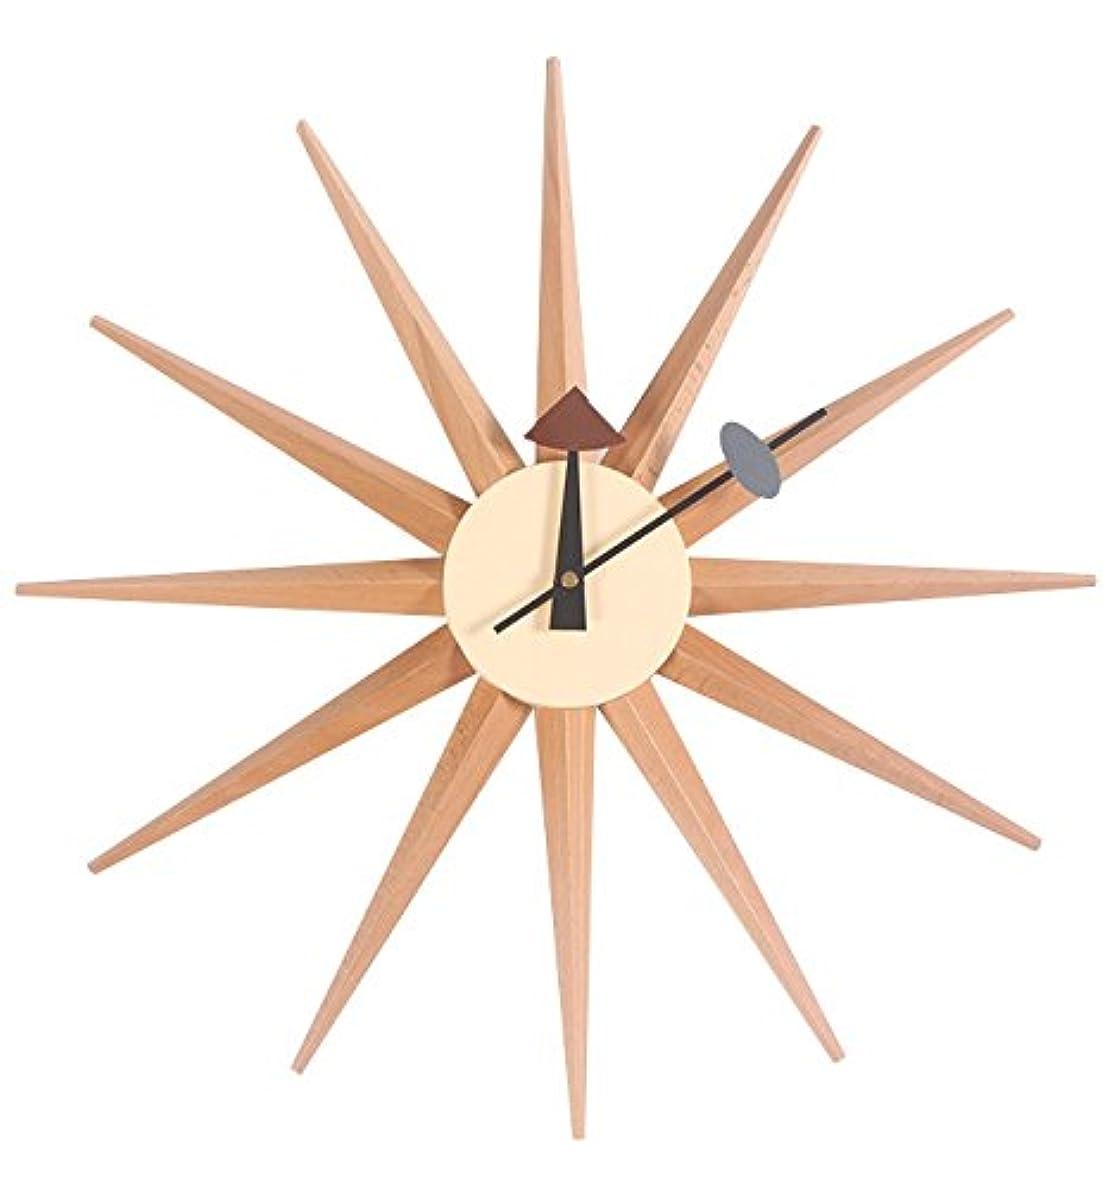 周術期縮約無礼にサンバーストクロック ナチュラル ジョージ ネルソン デザイナー壁時計